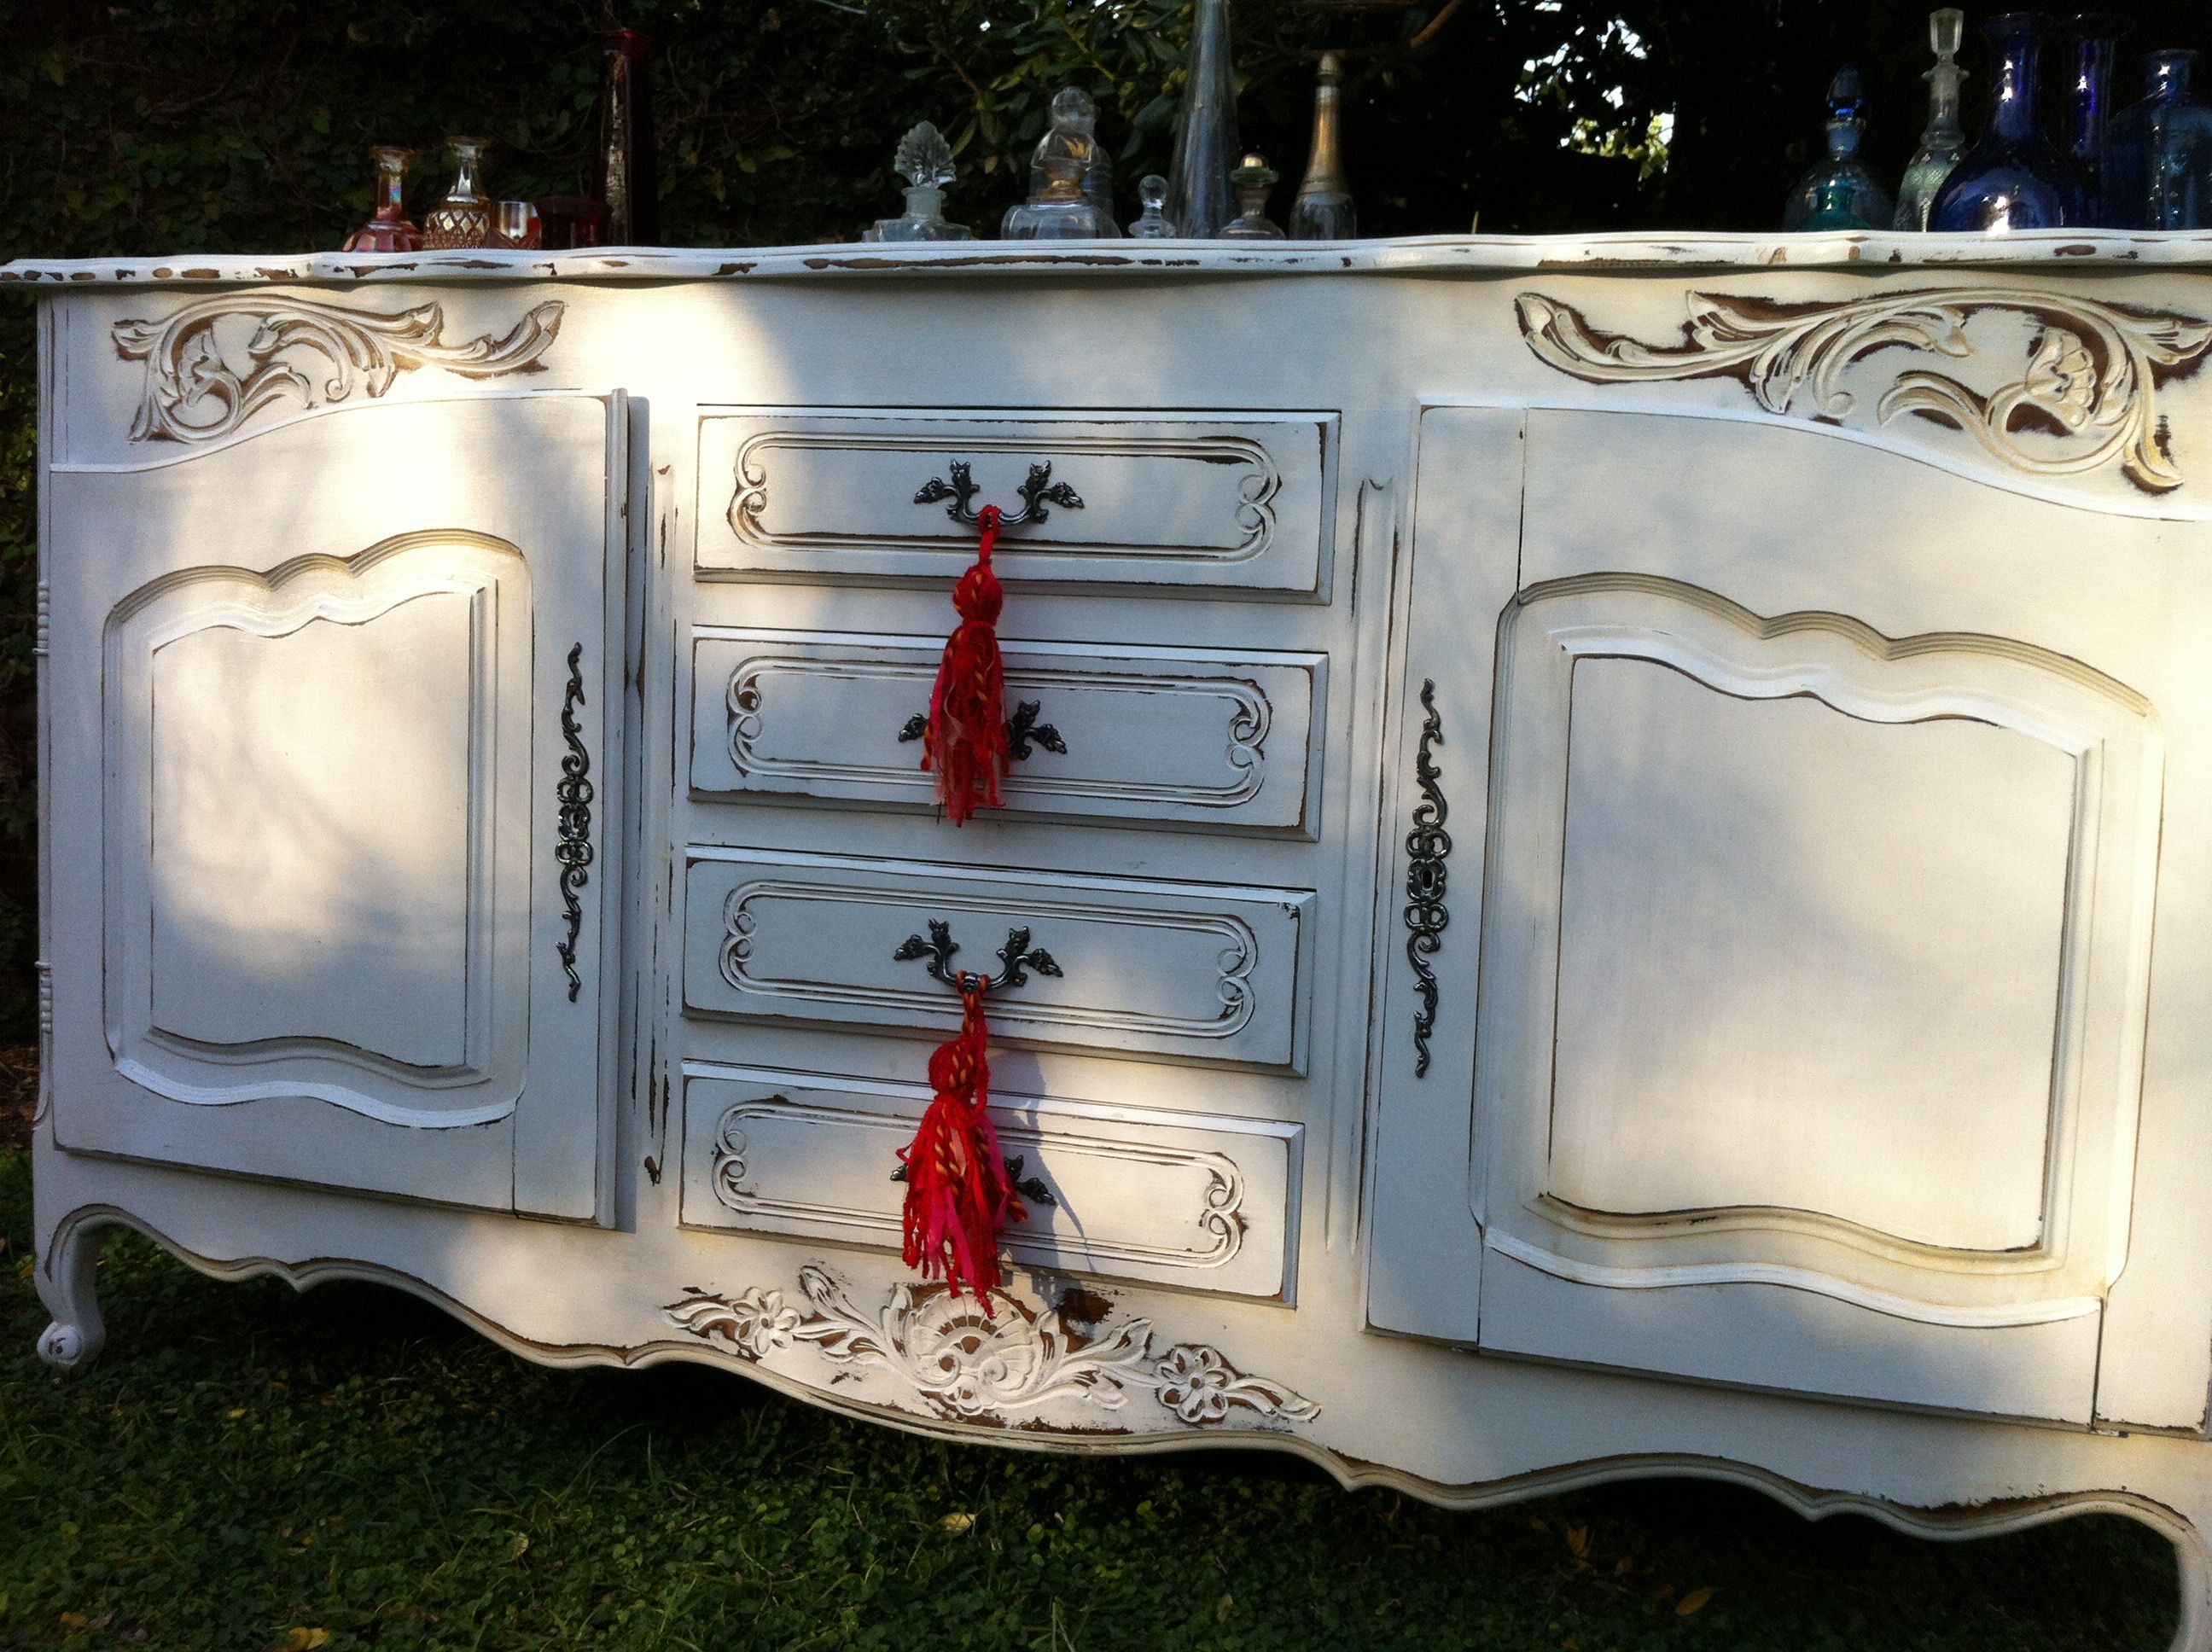 Vajillero frances blanco decapado muebles restaurados - Muebles antiguos restaurados ...